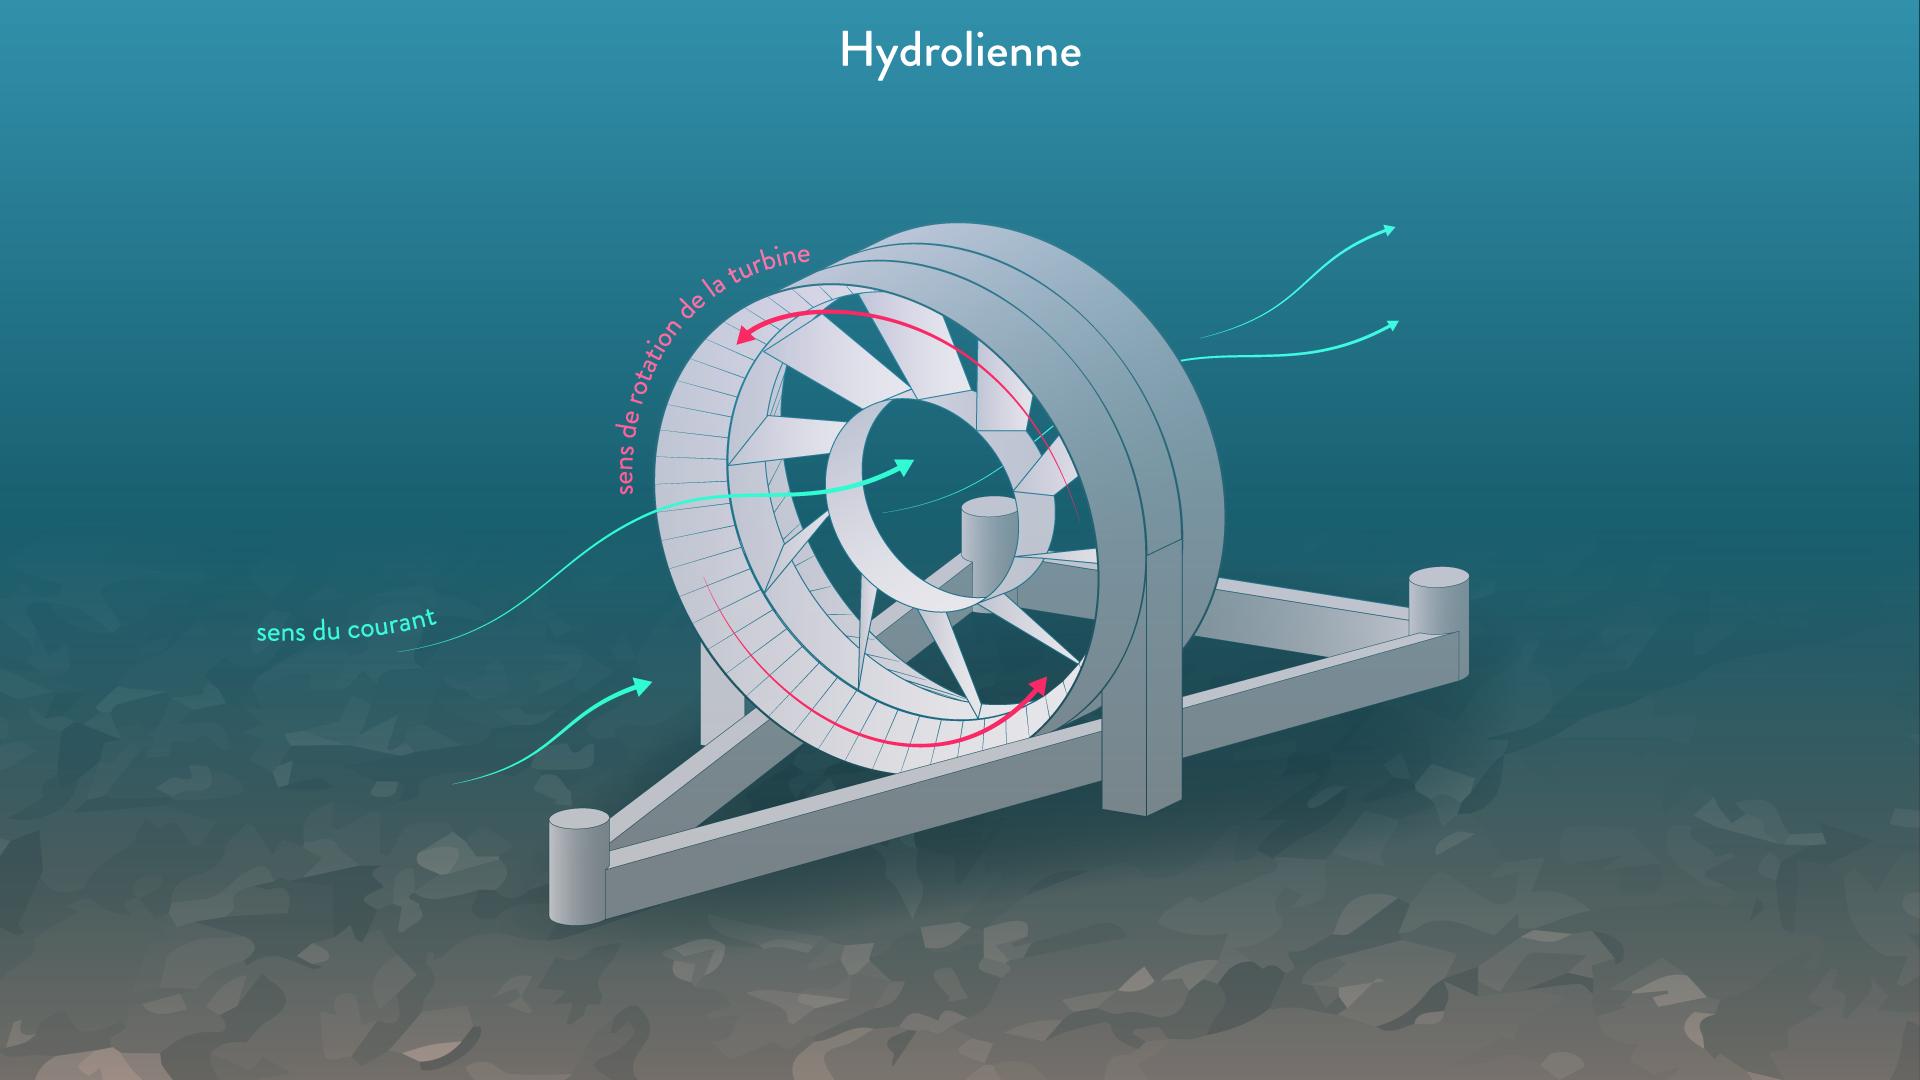 Hydrolienne